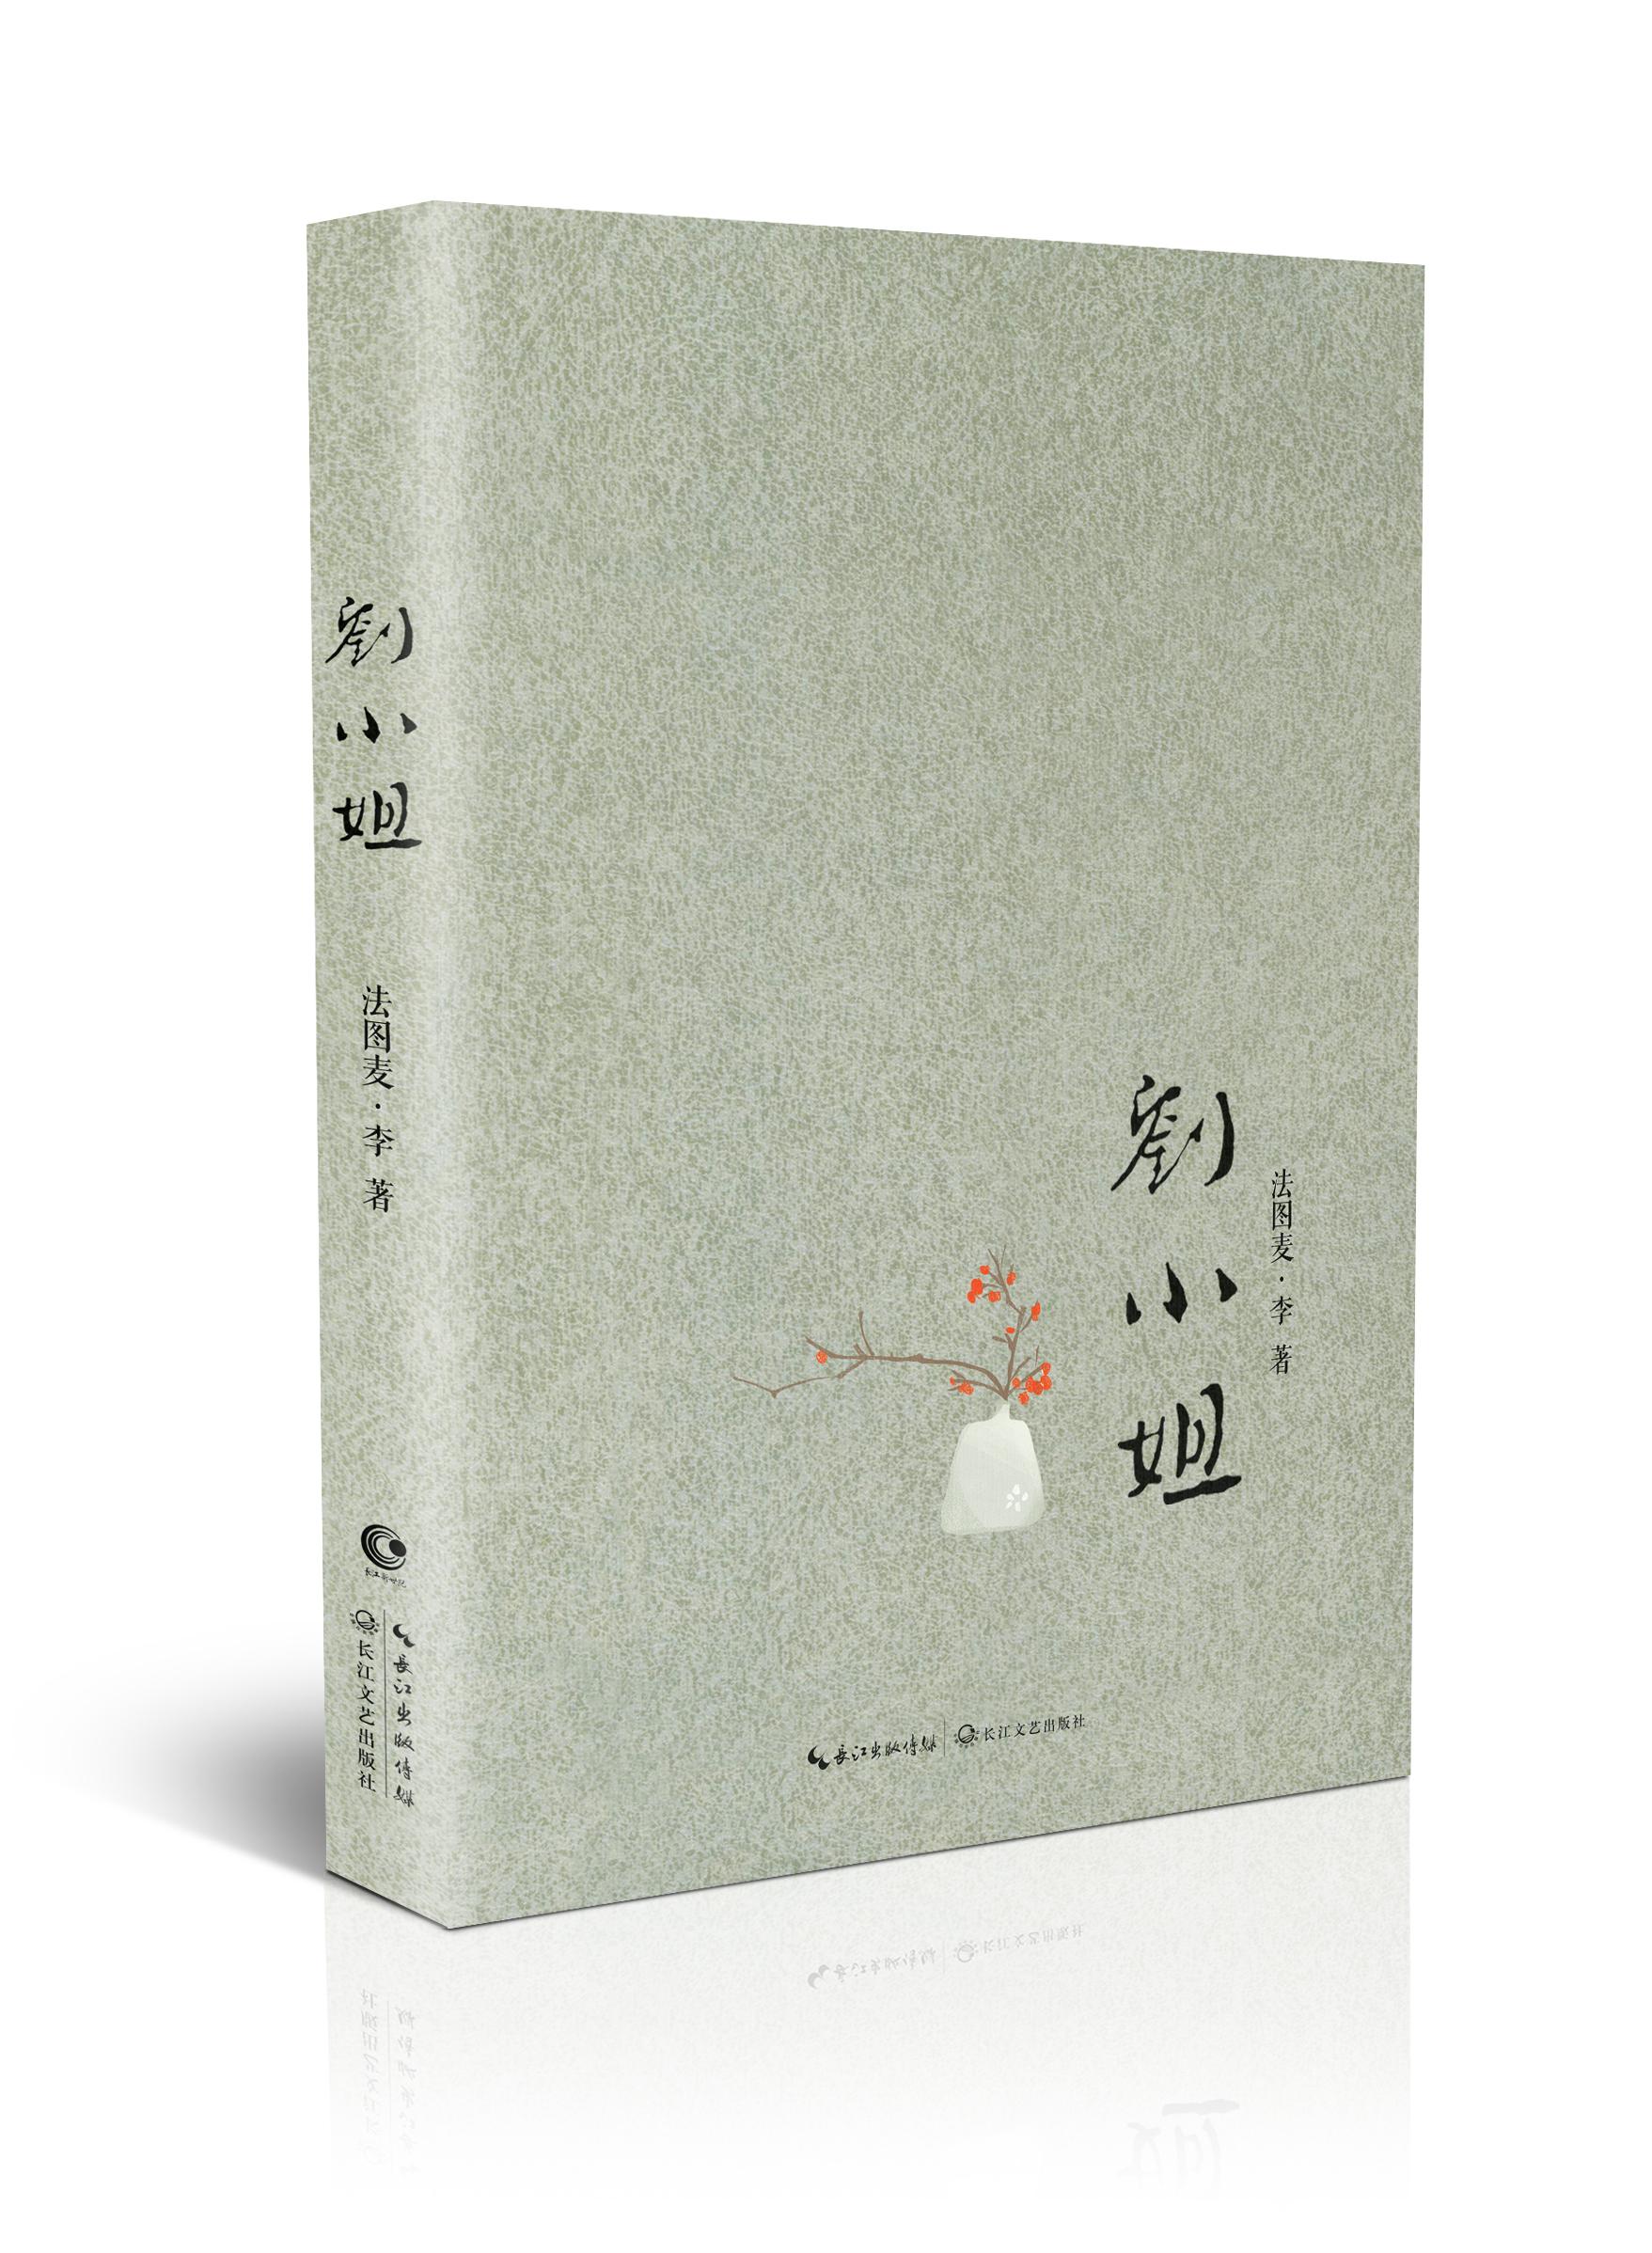 李咏女儿出书《刘小姐》:父亲去世前已看过没遗憾